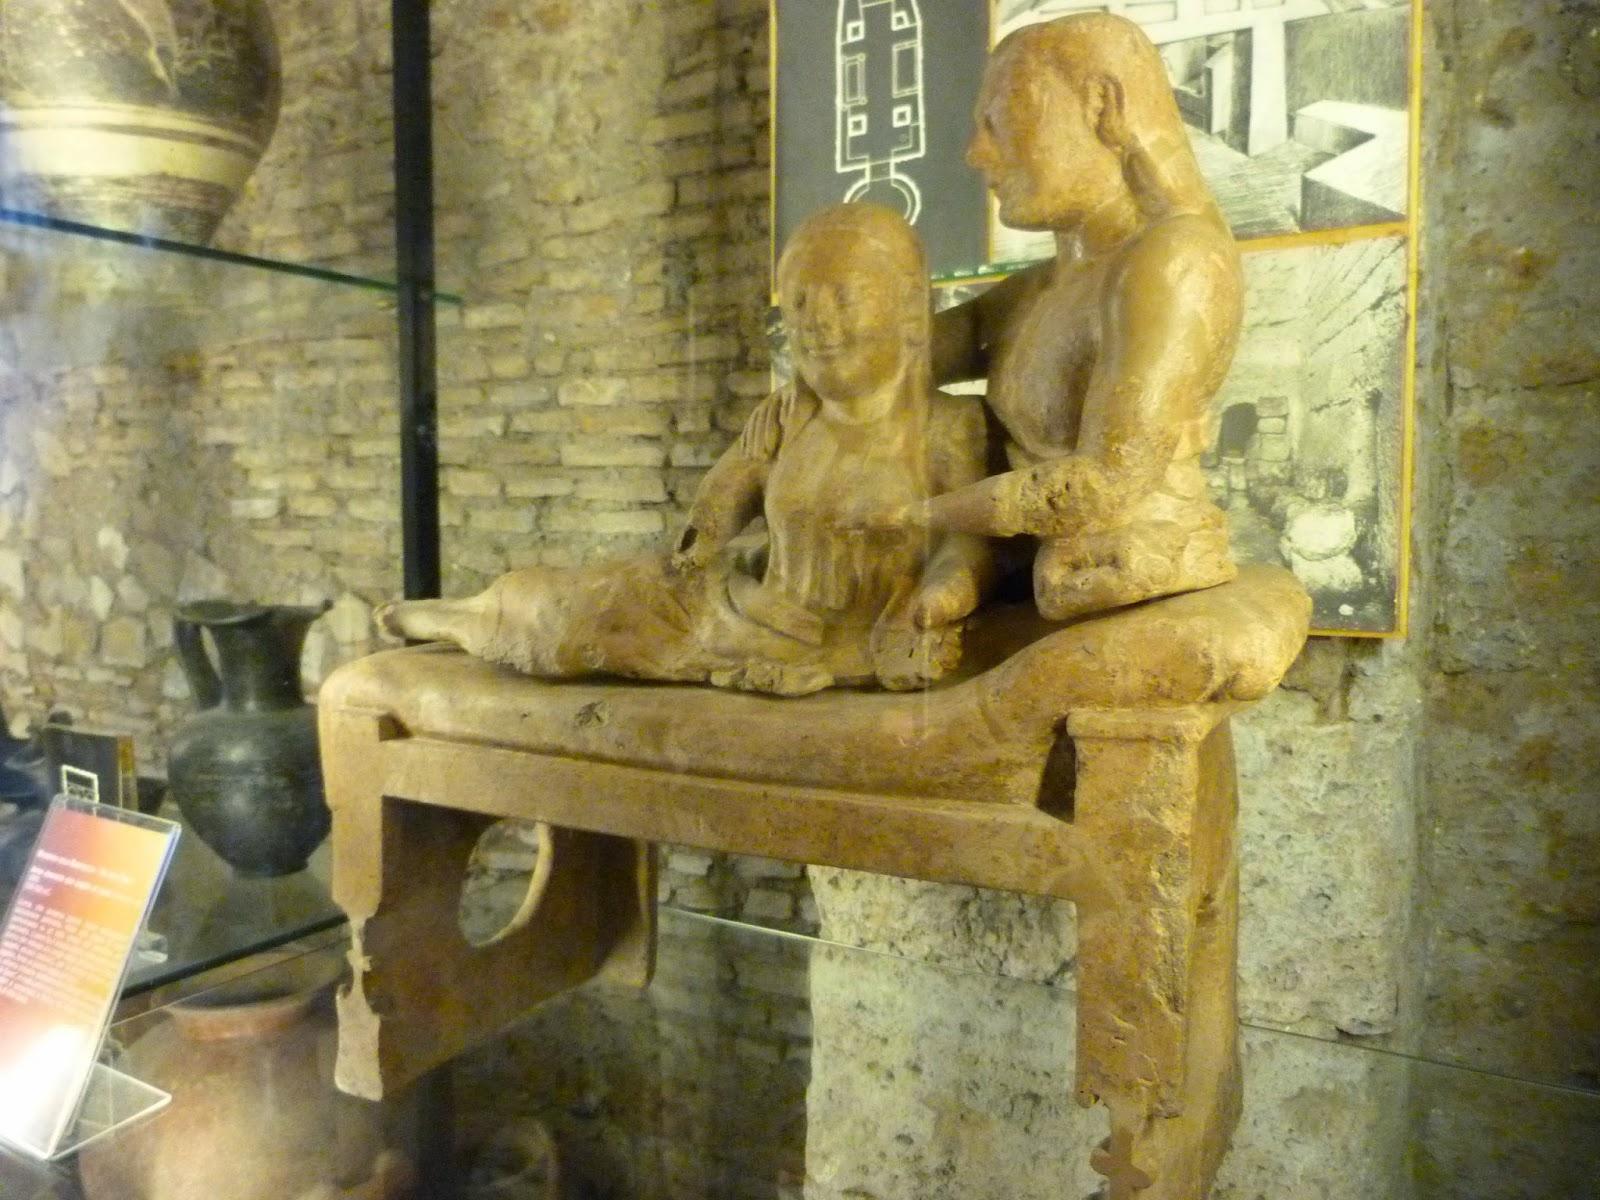 Sepultura etrusca, Museu Etrusco em Cerveteri